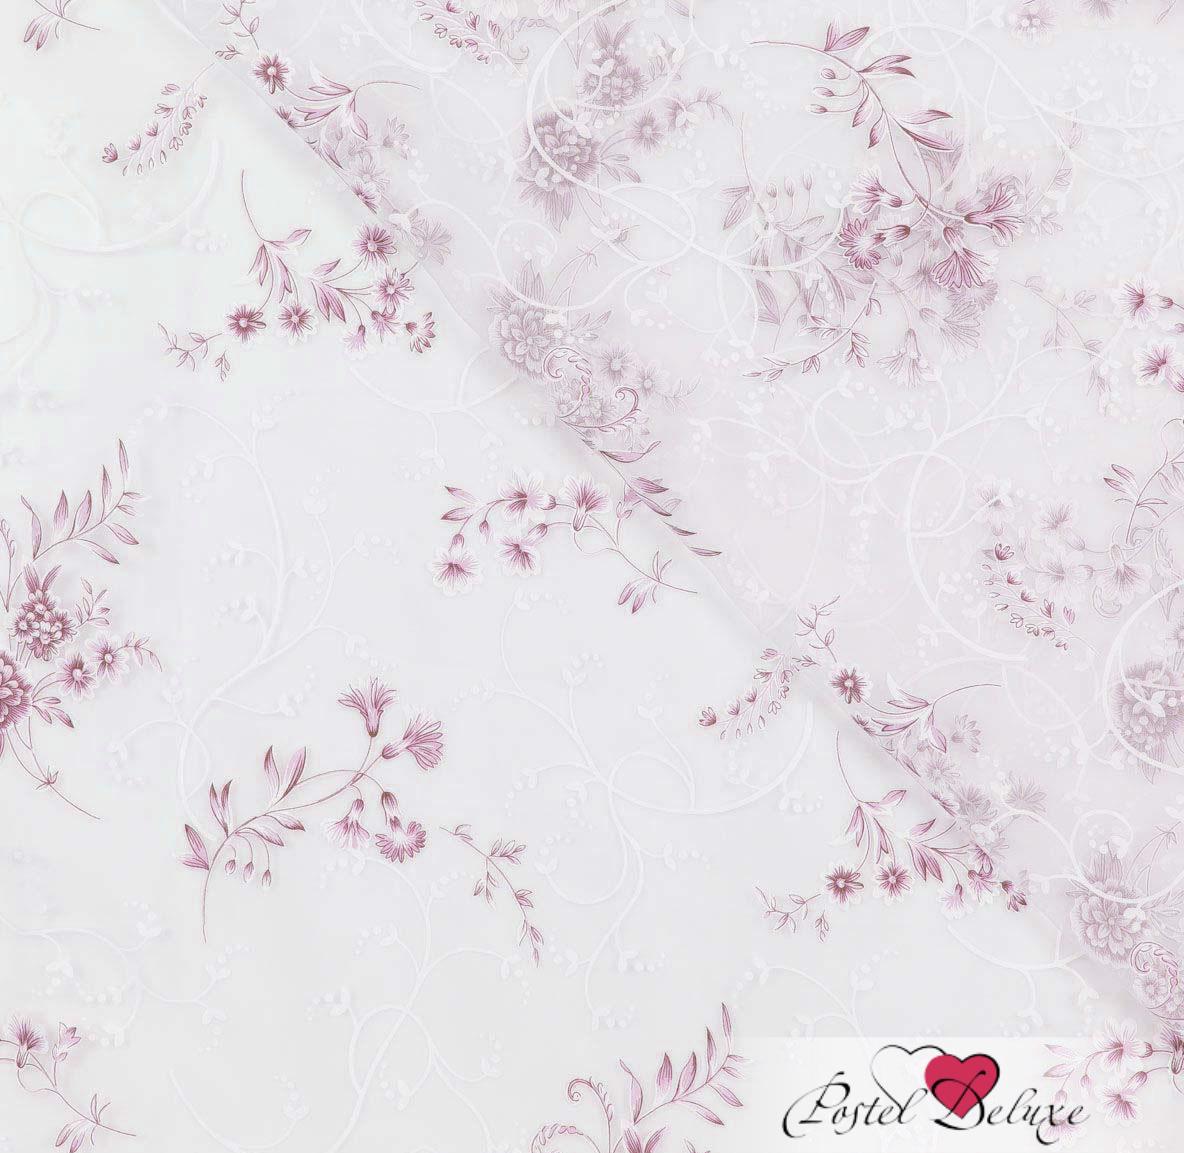 Шторы Garden Классические шторы Букетики Цвет: Бело-Розовый шторы tac классические шторы глянец цвет портьер розовый цвет тюля белый с бежевой полоской